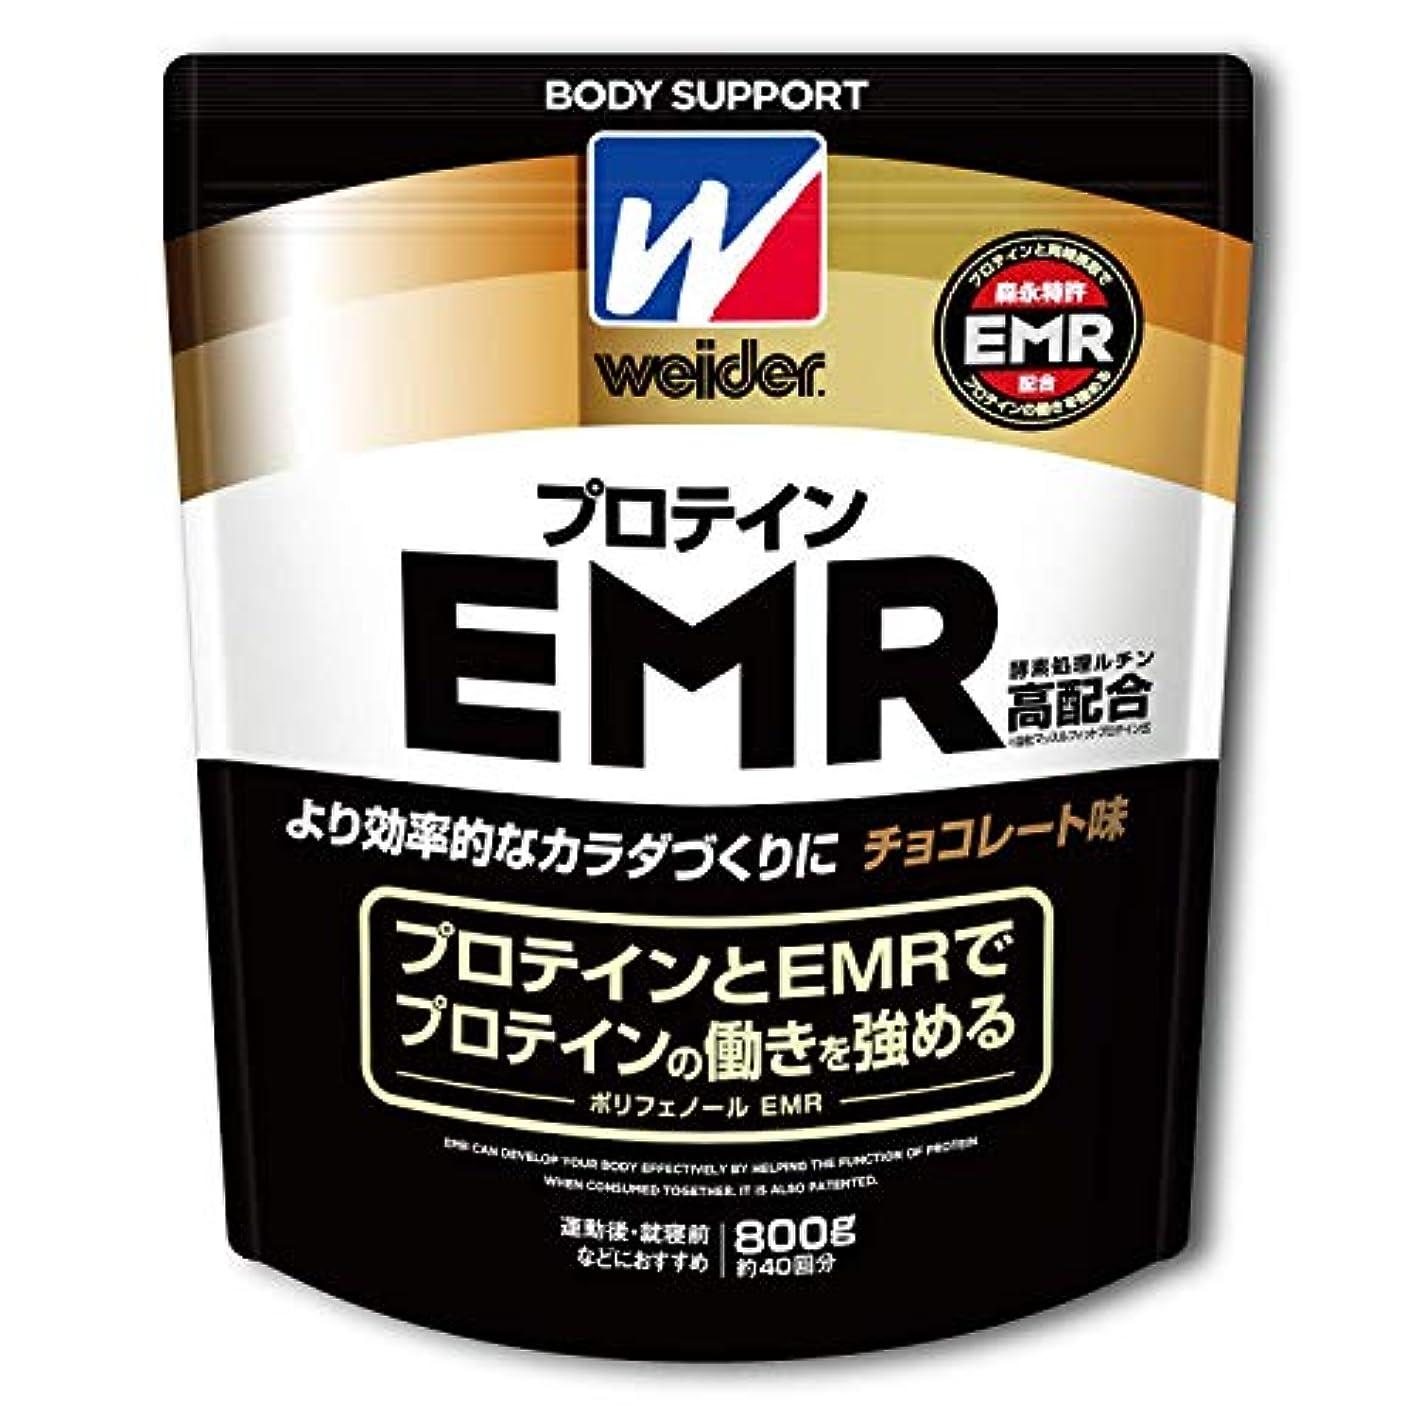 リゾート新着バーガーBODY SUPPORT W ウイダー EMR高配合プロテイン チョコレート味 800g (約40回分) ホエイプロテイン 酵素処理ルチンEMR高配合 [Amazon限定ブランド]